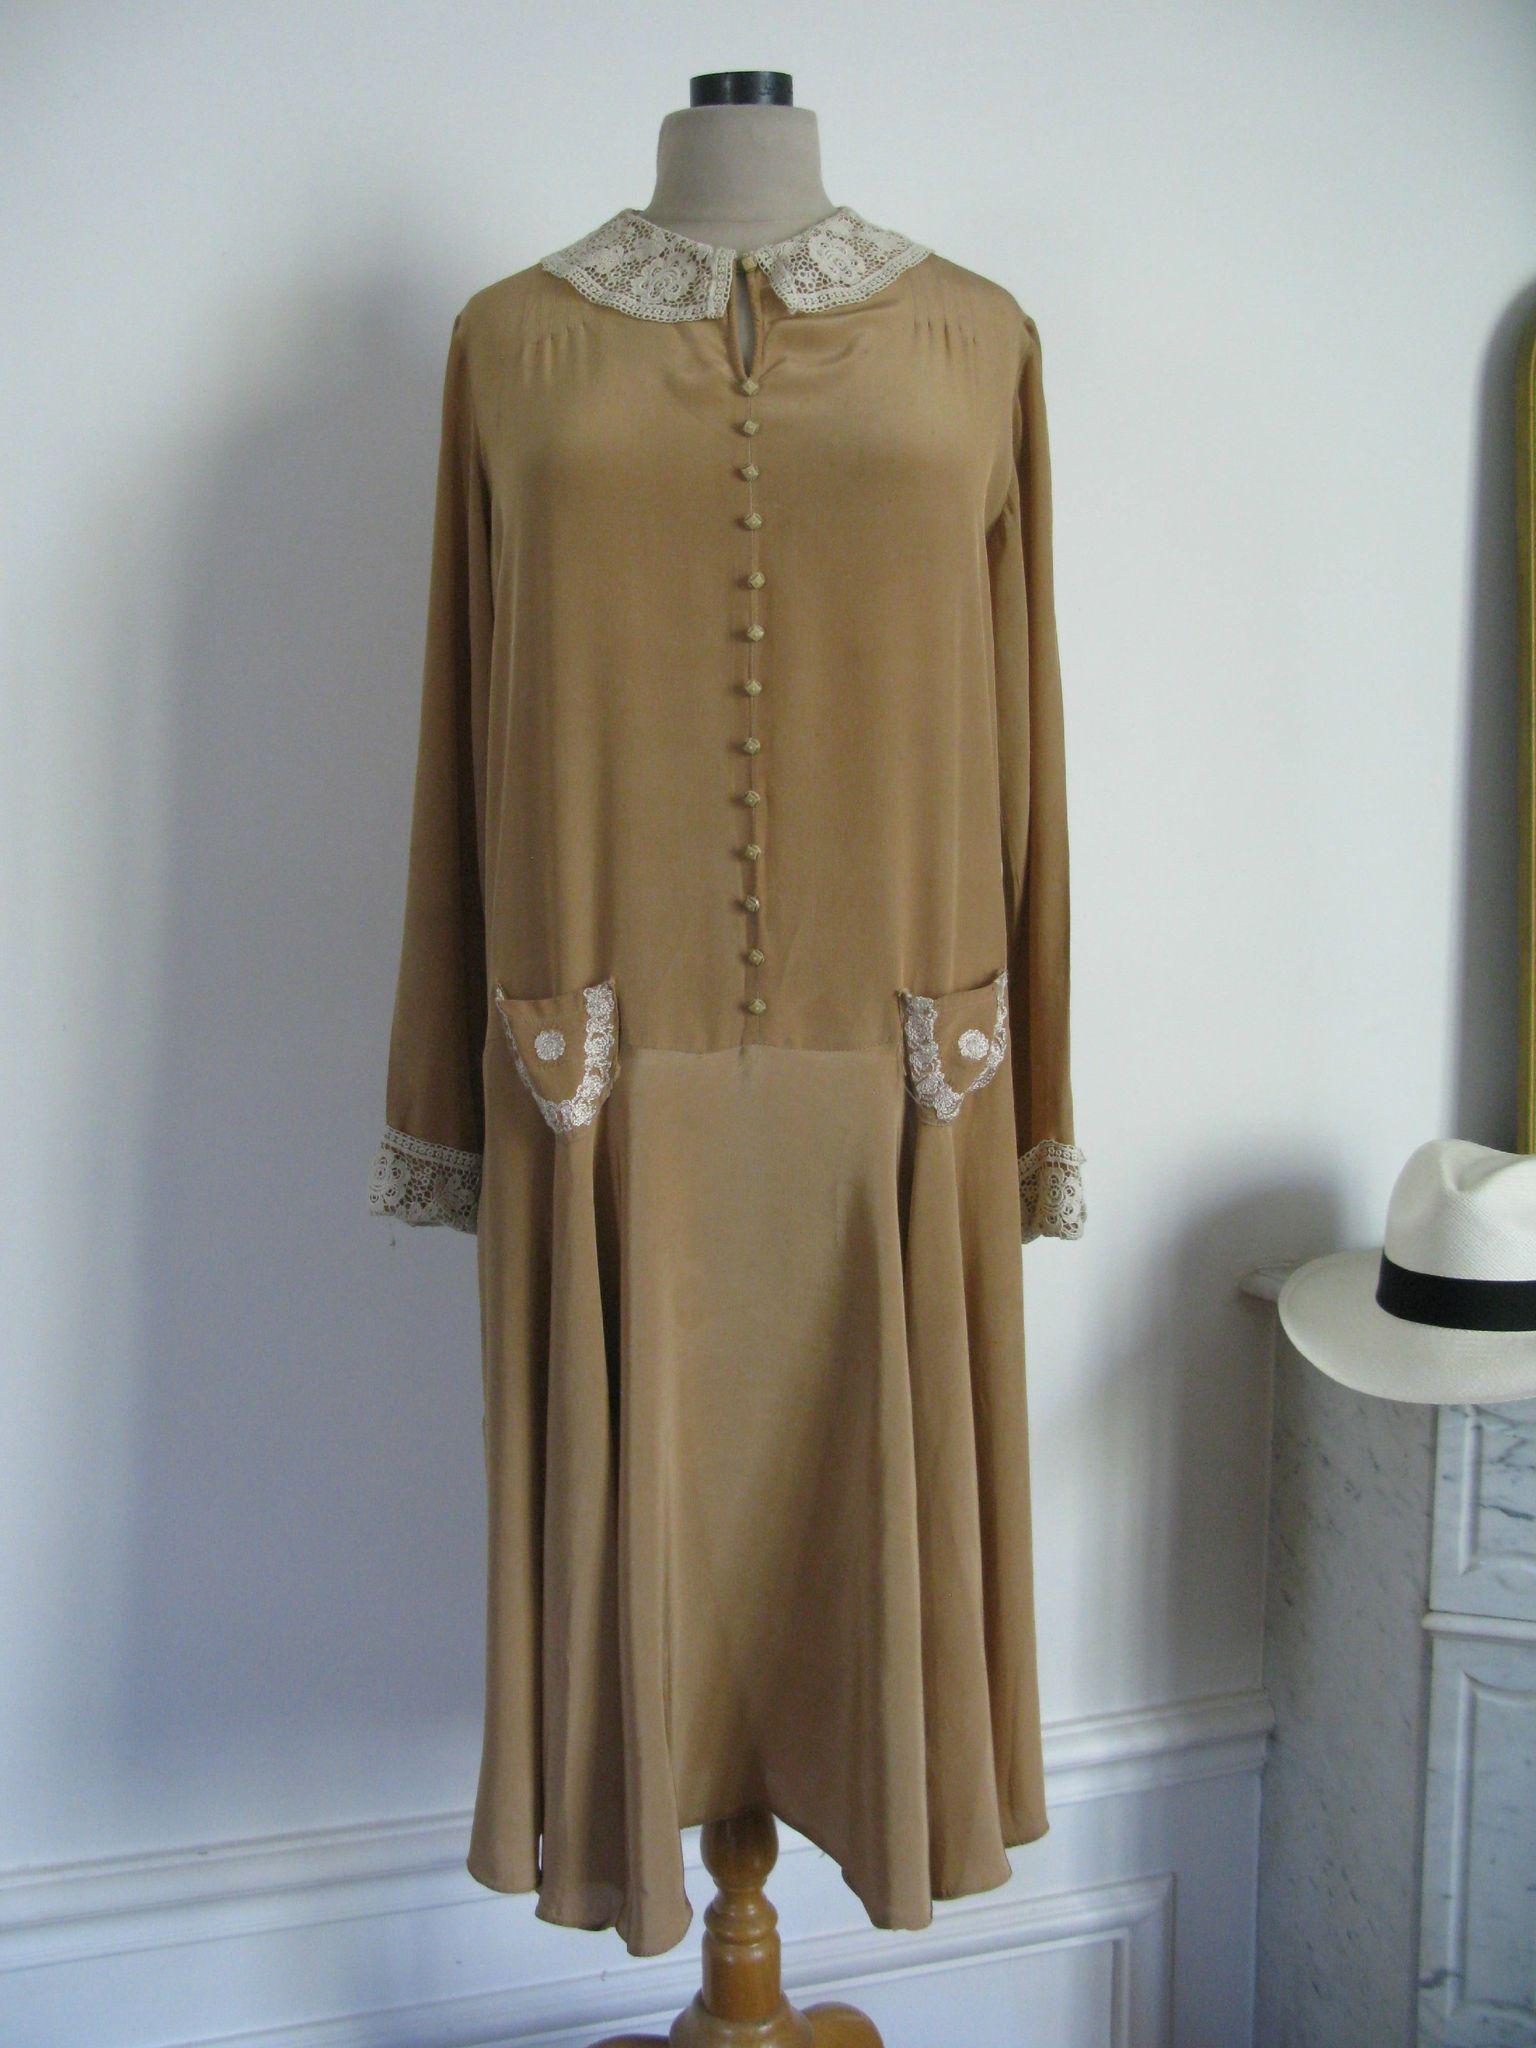 2016 exceptionnelle robe d 39 poque ann es 20 30 taille 38 40 les jolies robes. Black Bedroom Furniture Sets. Home Design Ideas